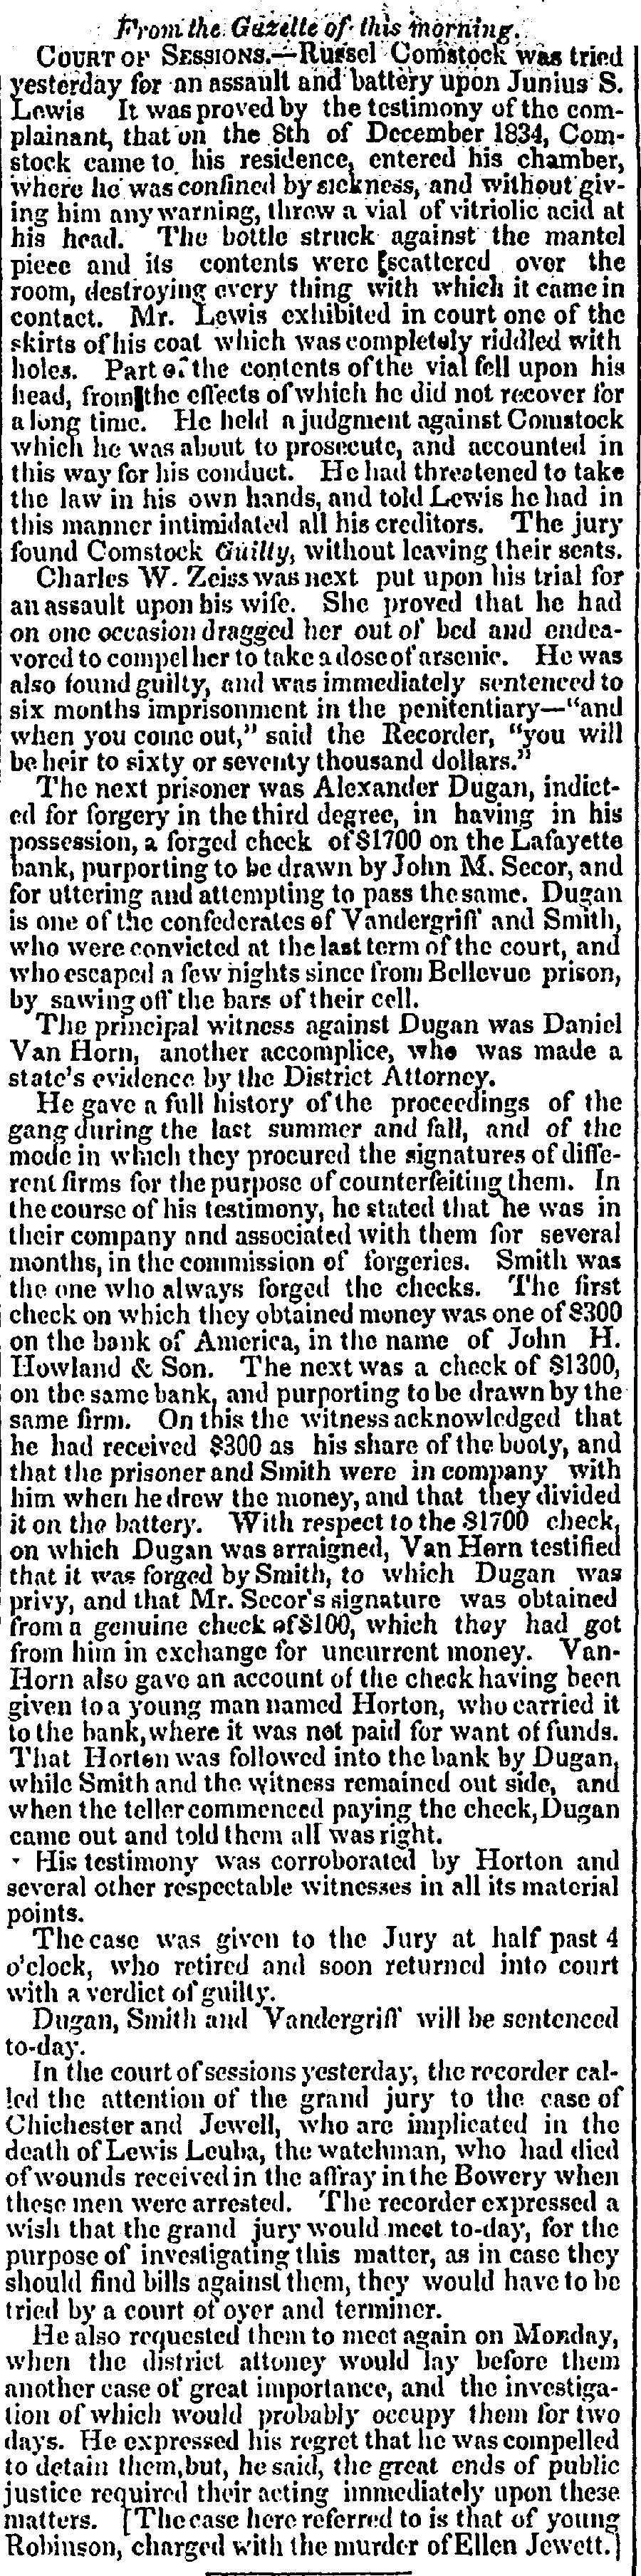 1836.4.16. Chichister Case / Hellen Jewett Case tried same day / court.